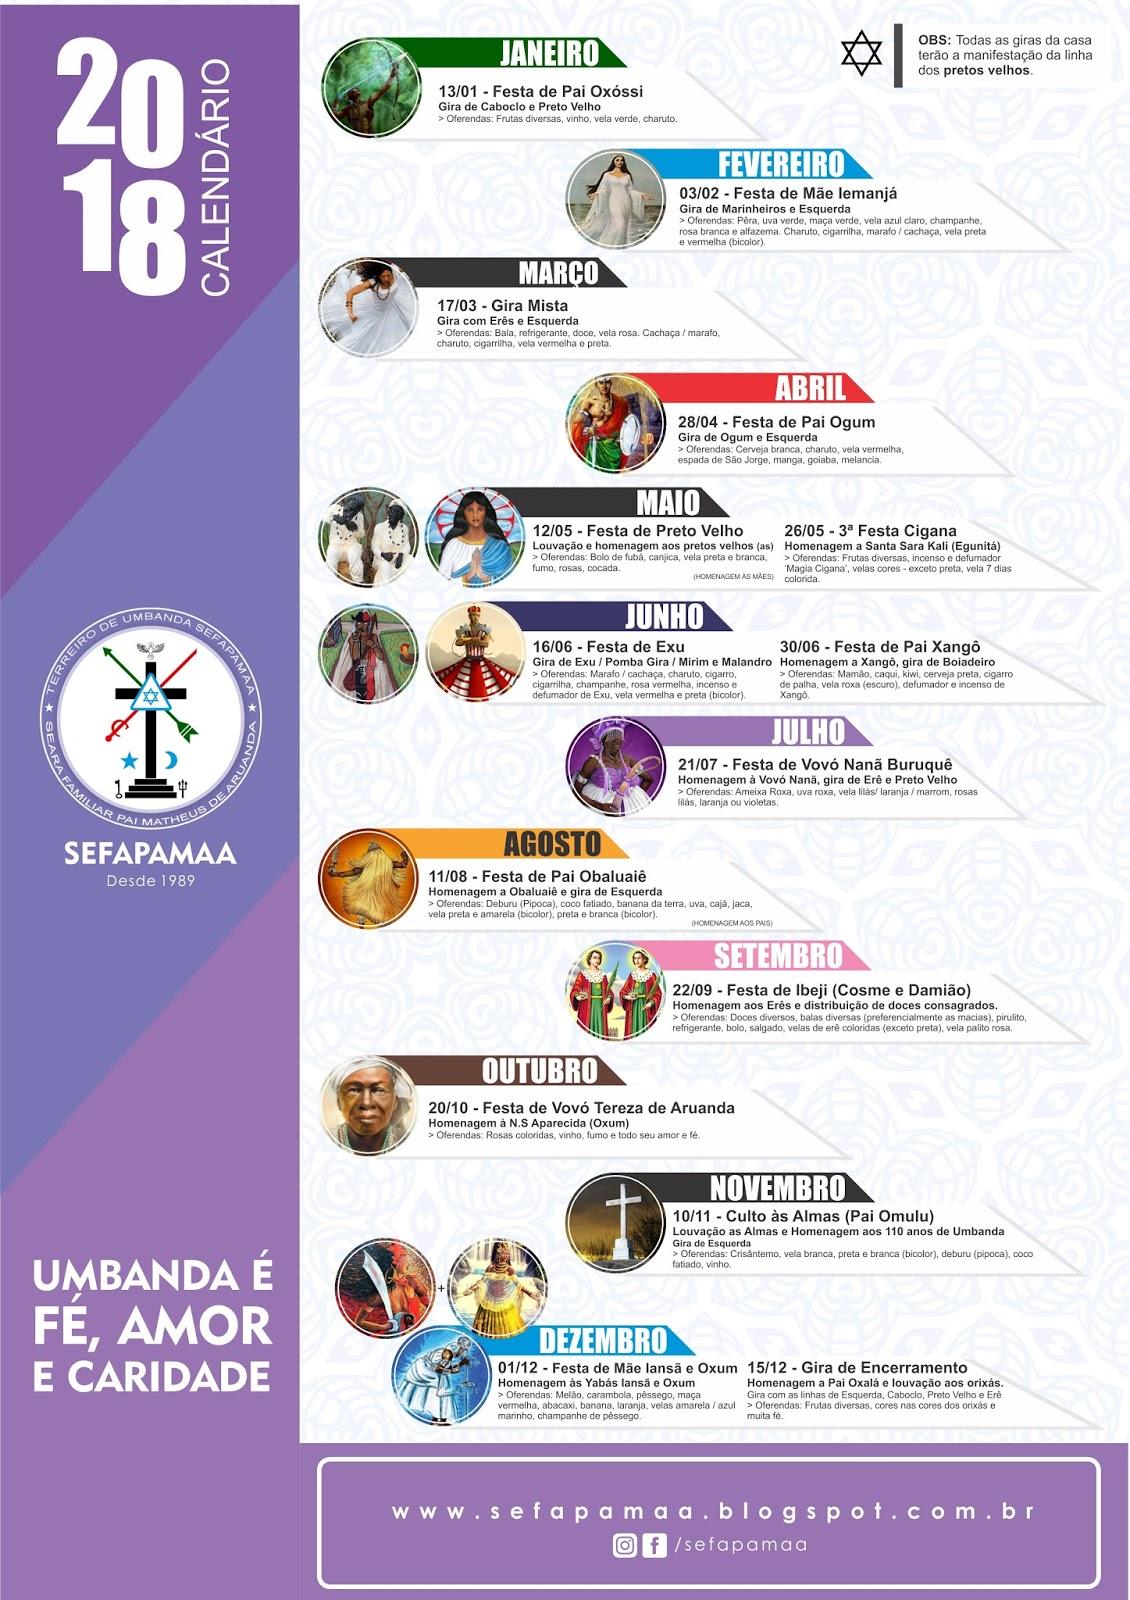 Calendário Giras e Festas de 2018 - SEFAPAMAA